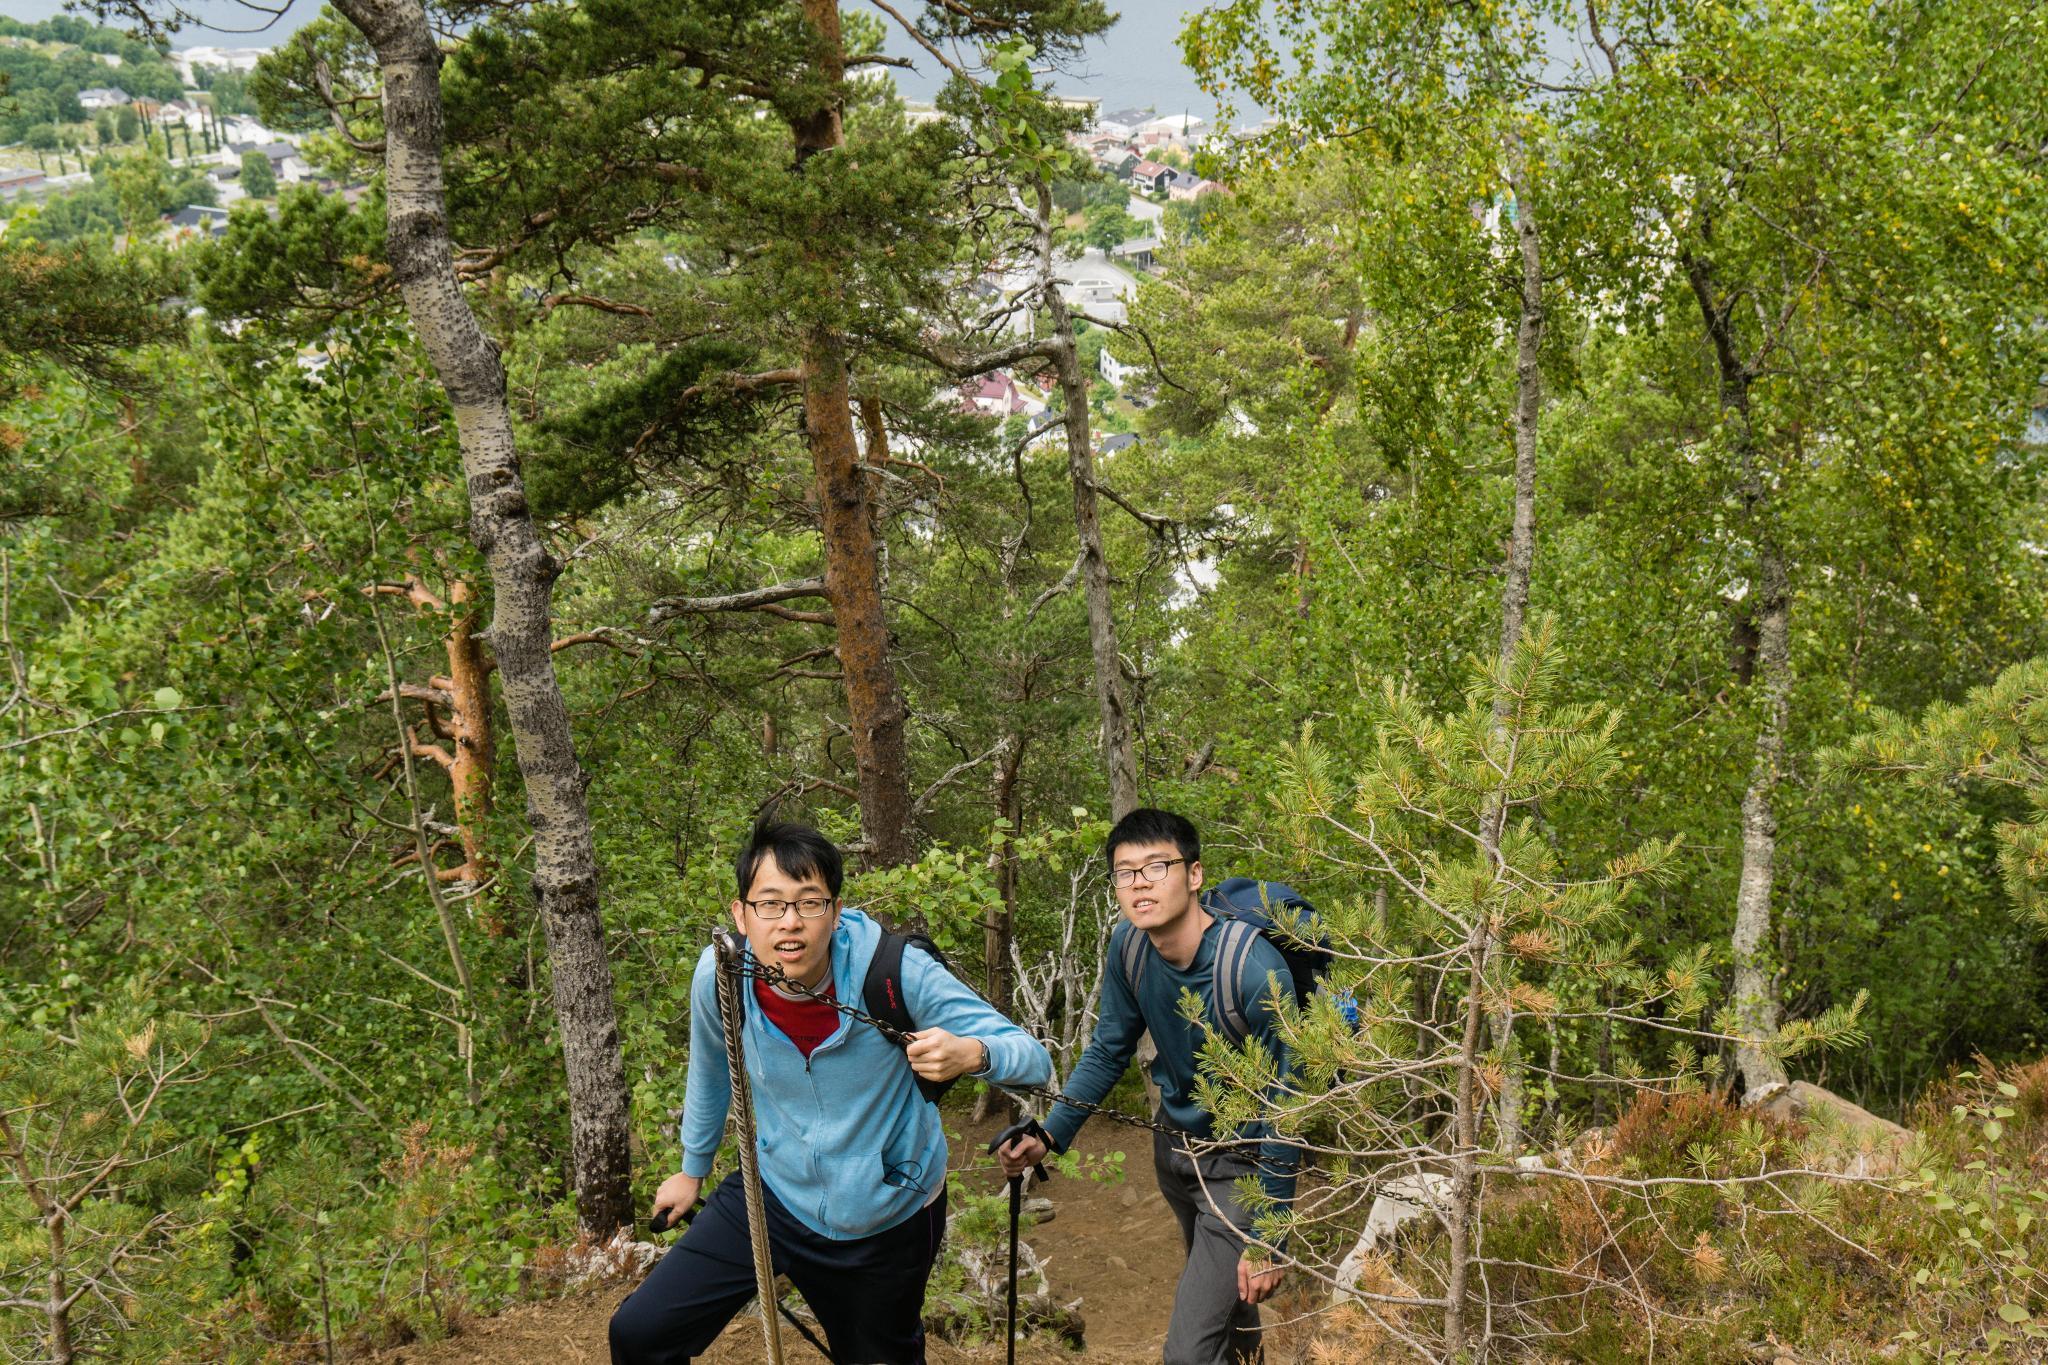 【北歐景點】峽灣區起點Åndalsnes健行 - 鳥瞰峽灣全景的Rampestreken觀景台 15